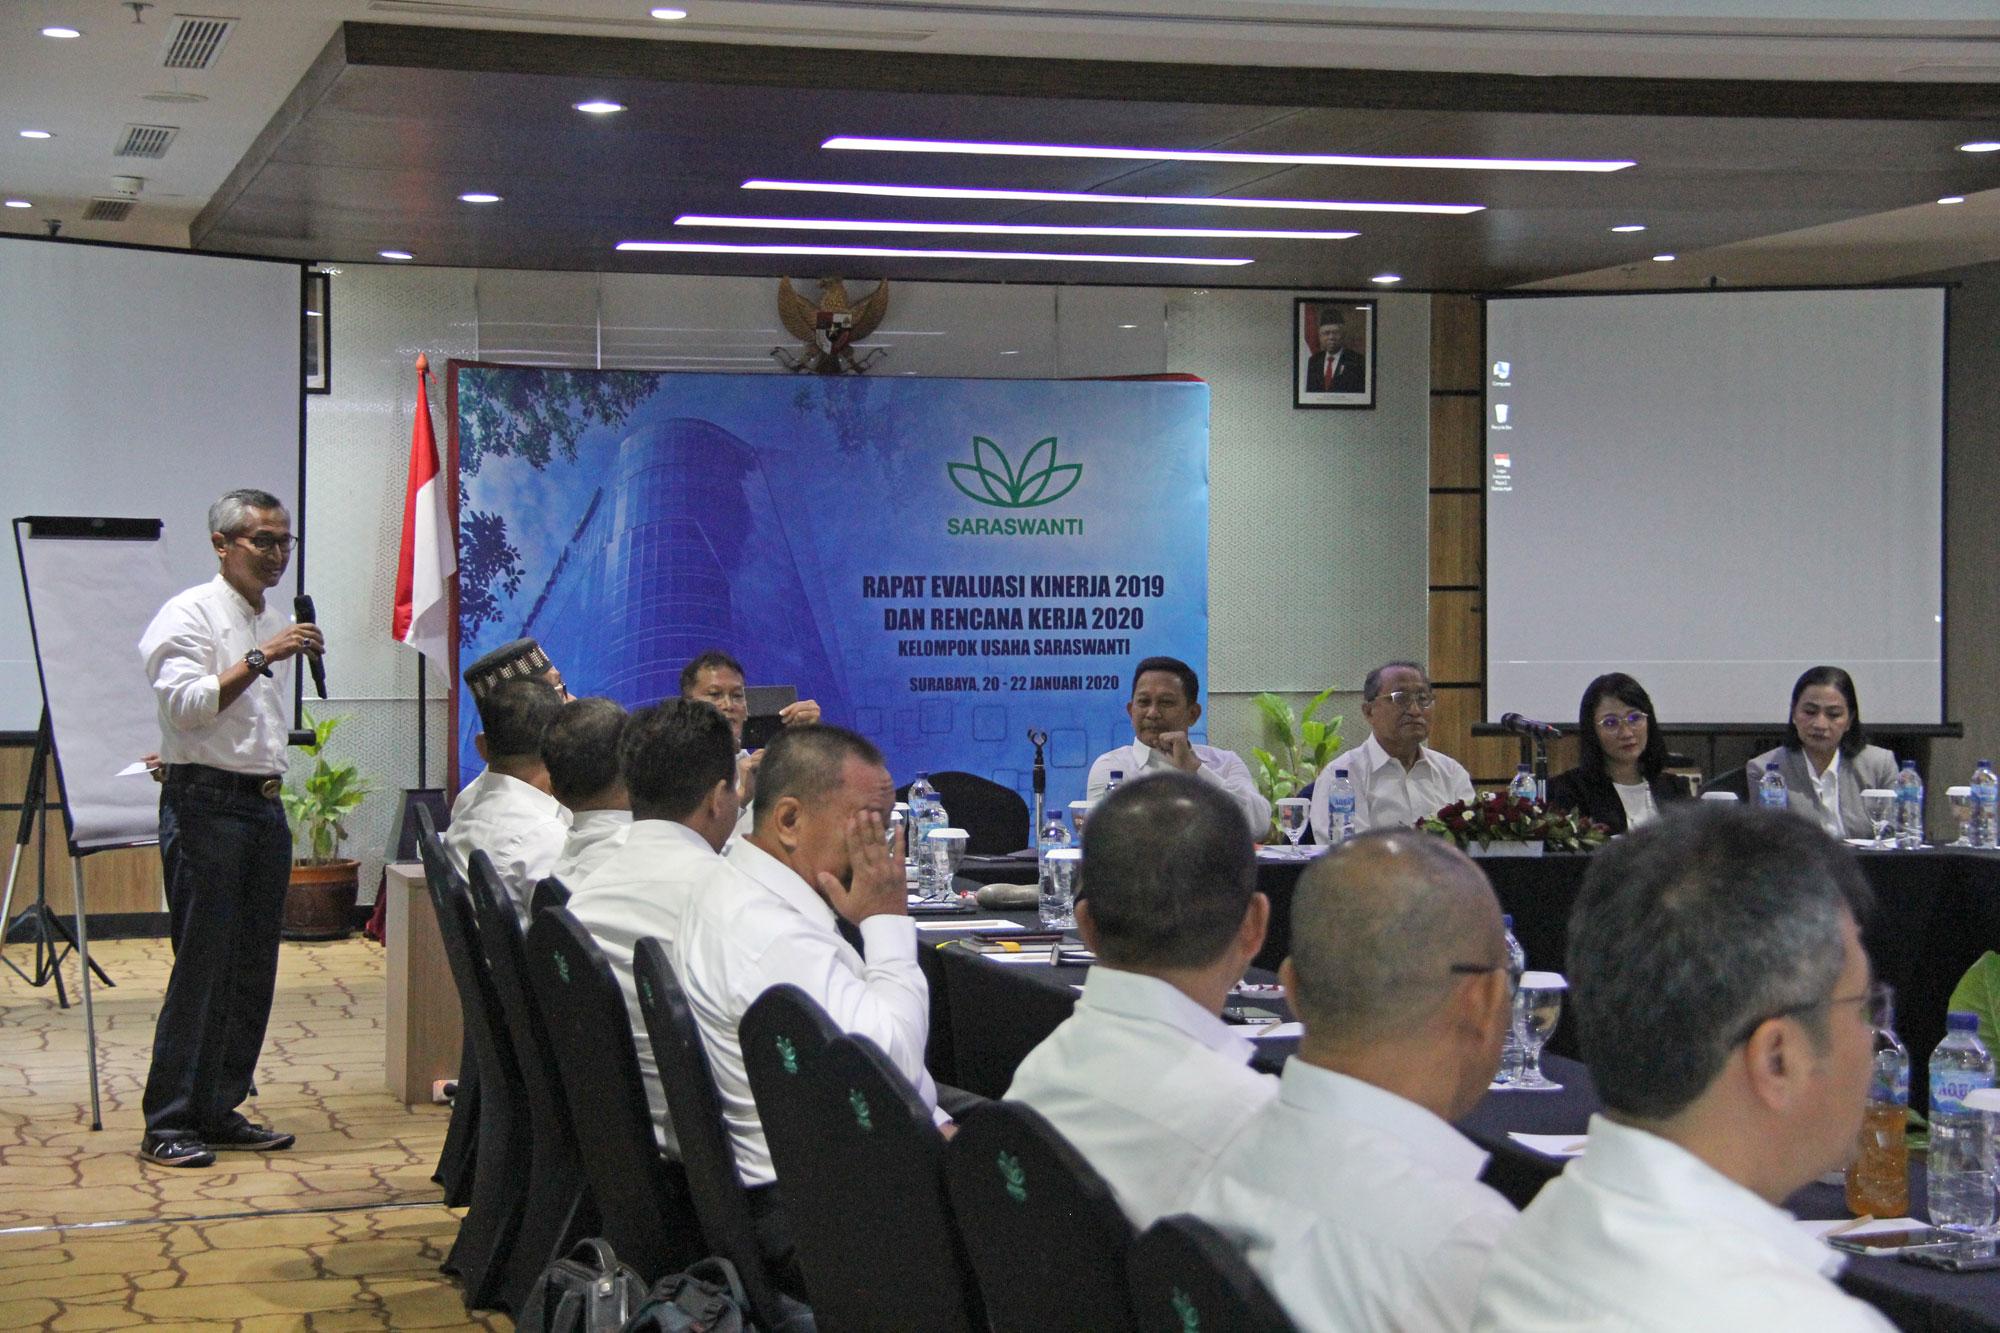 Saraswanti Group Rapat Evaluasi Kinerja 2019 Rencana Kerja 2020 03